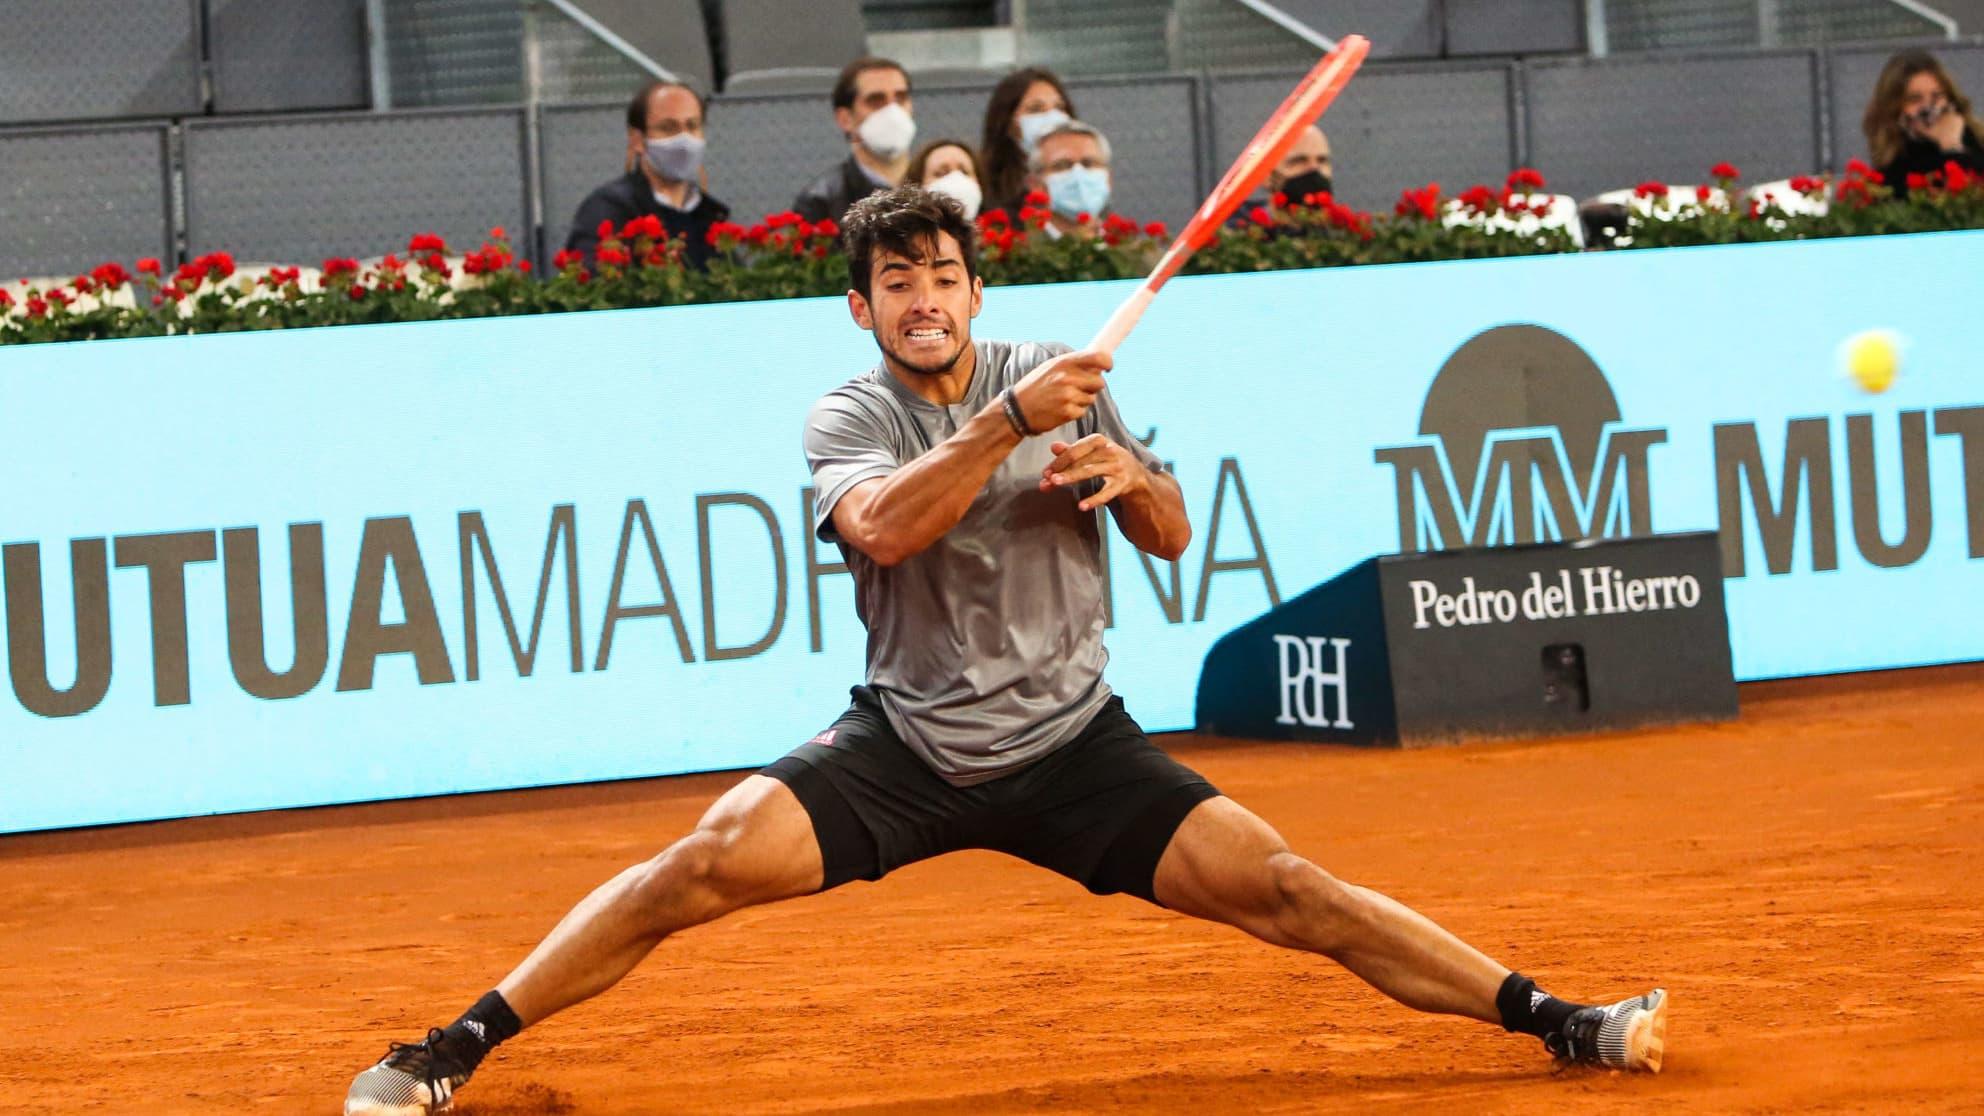 PRONOS PARIS RMC Le pari <b>tennis</b> d&#39;Eric Salliot du 7 mai <b>ATP</b> Madrid